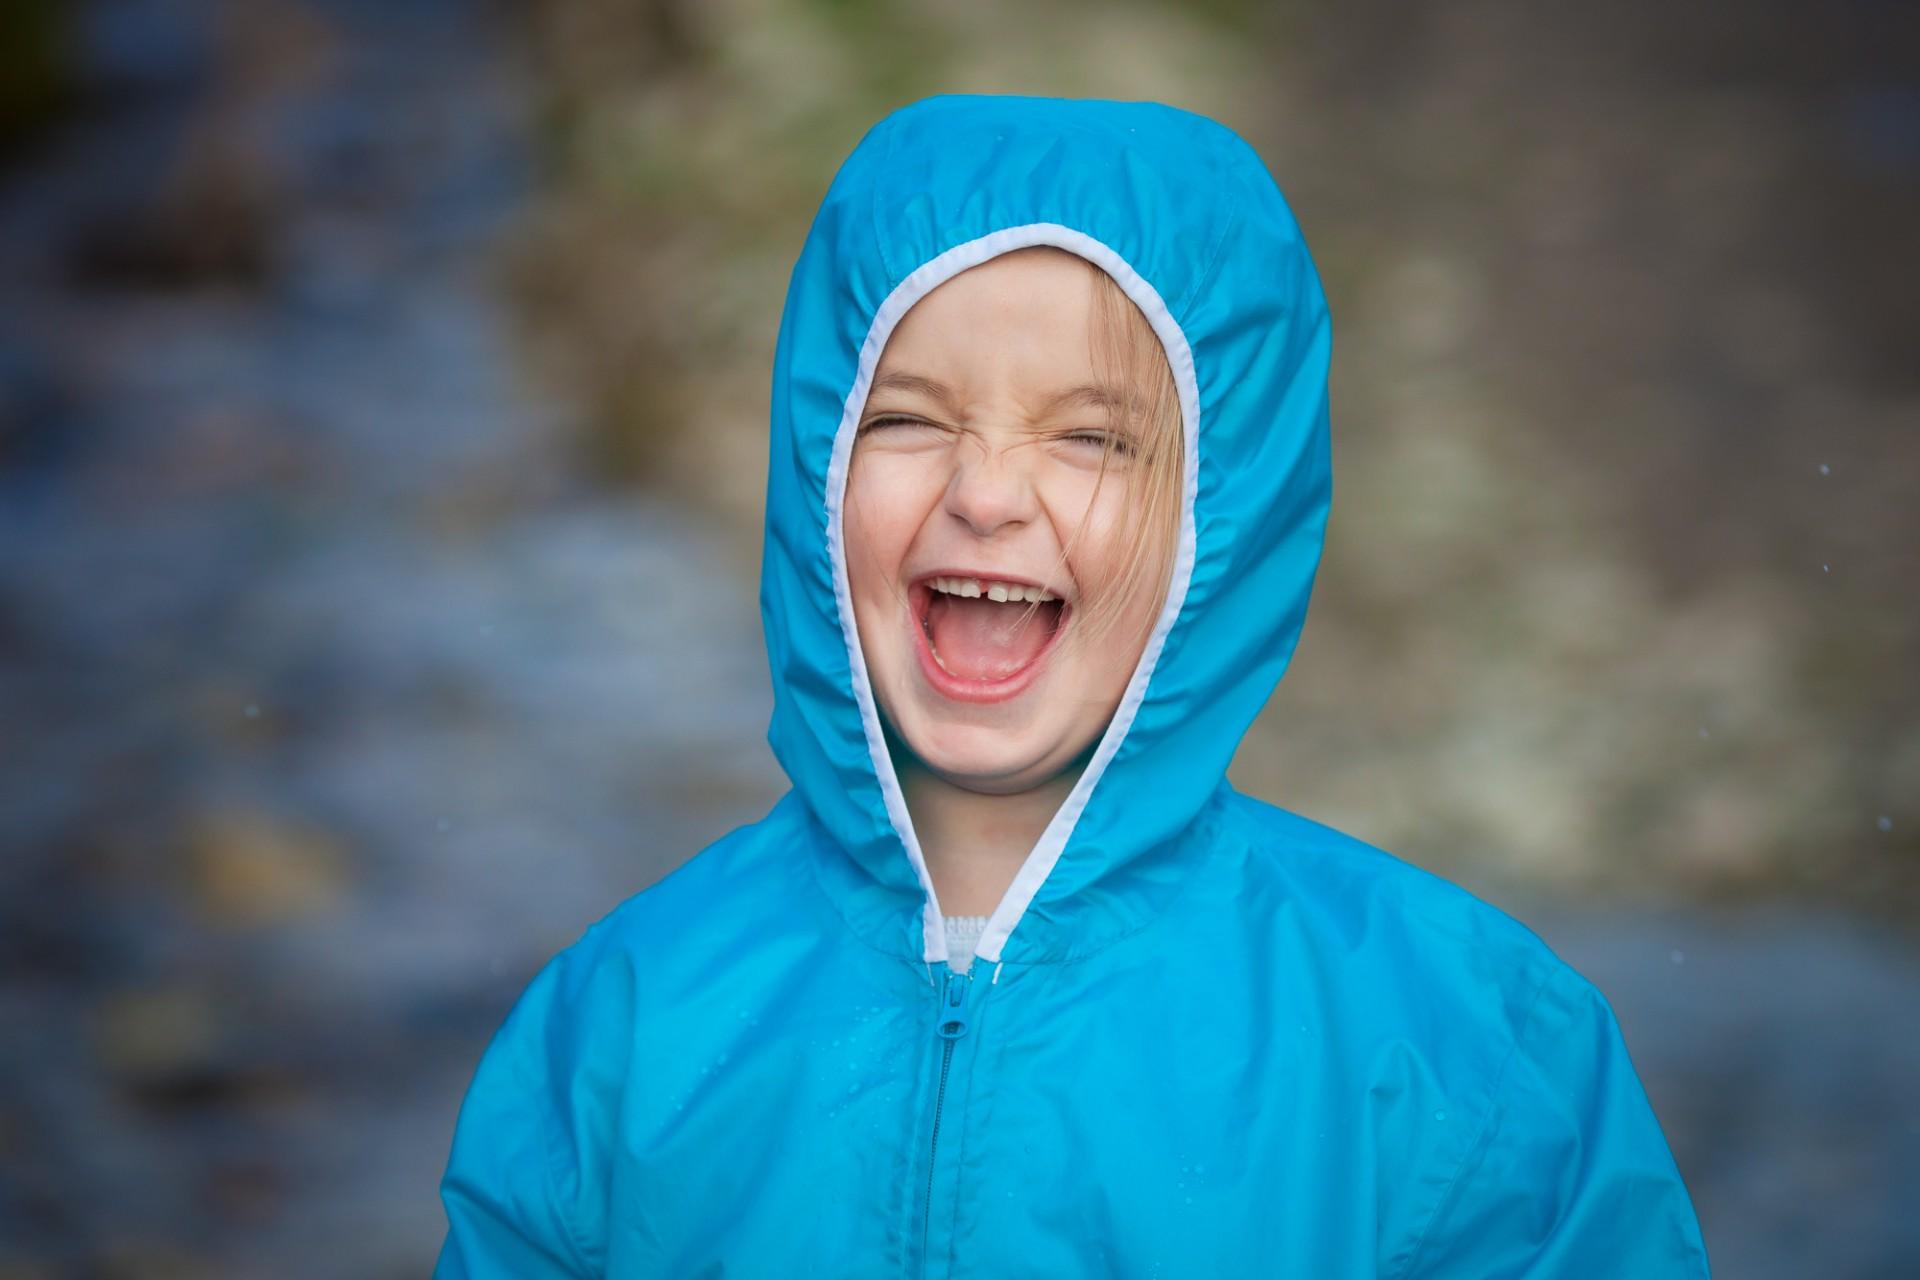 #детска фотография (7)